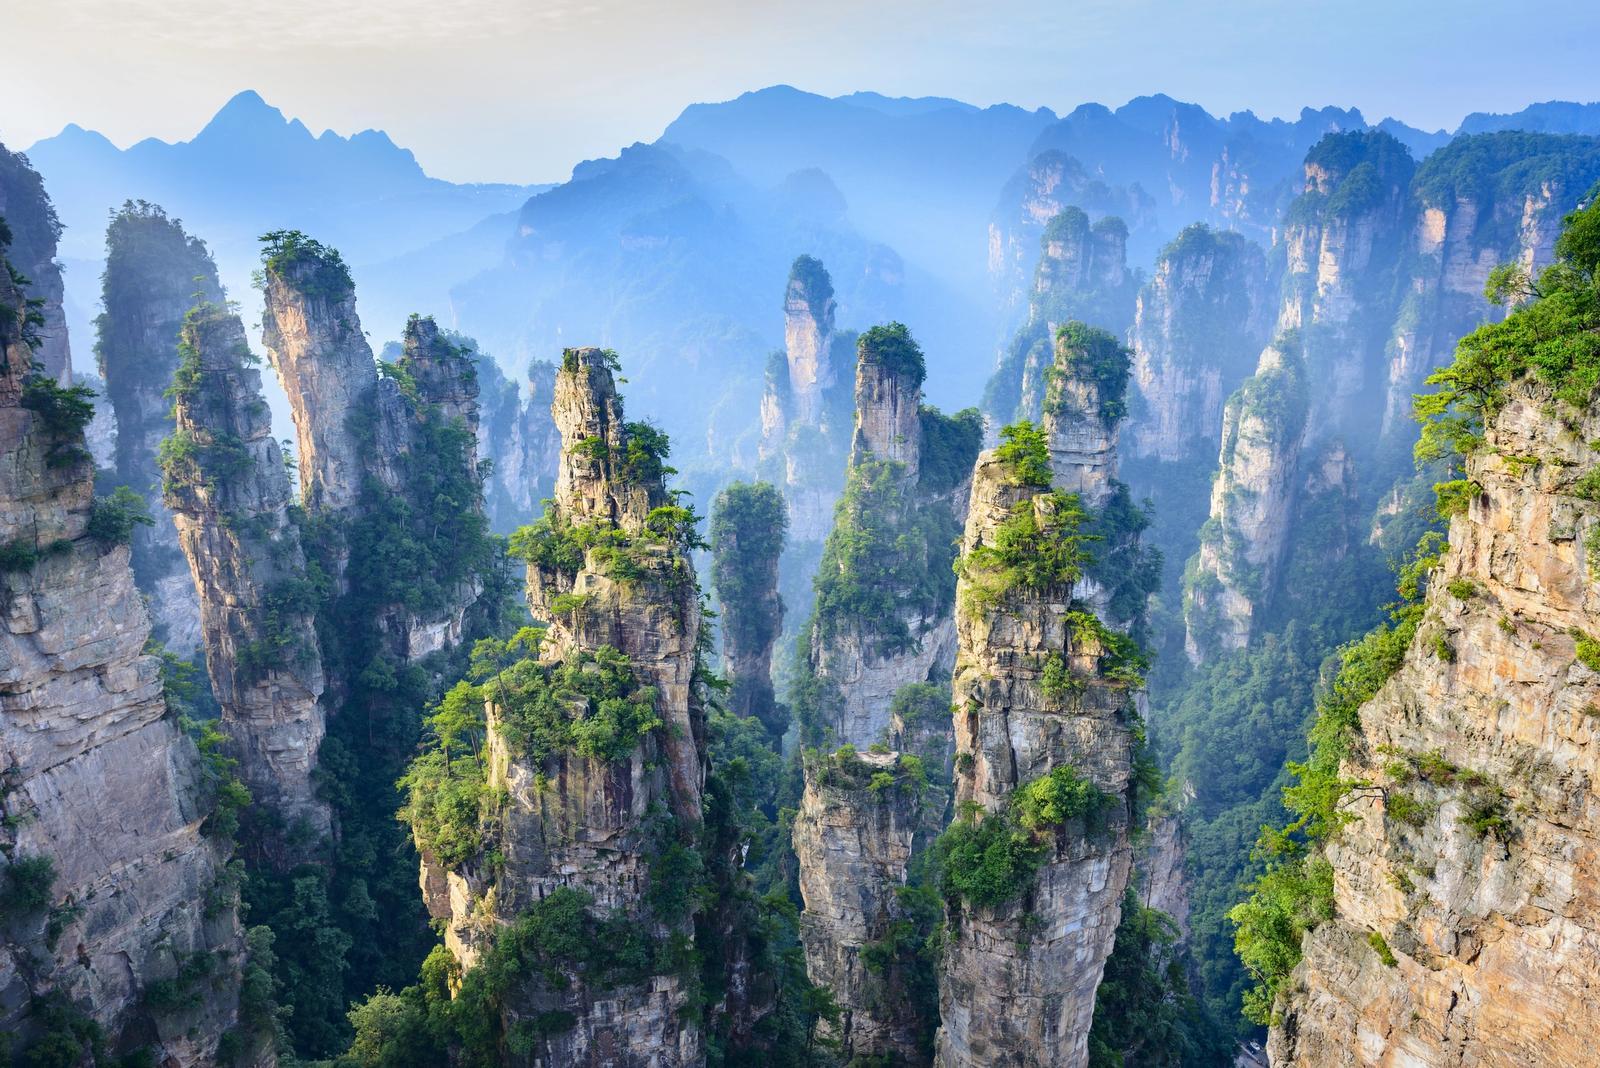 montagne di avatar in cina